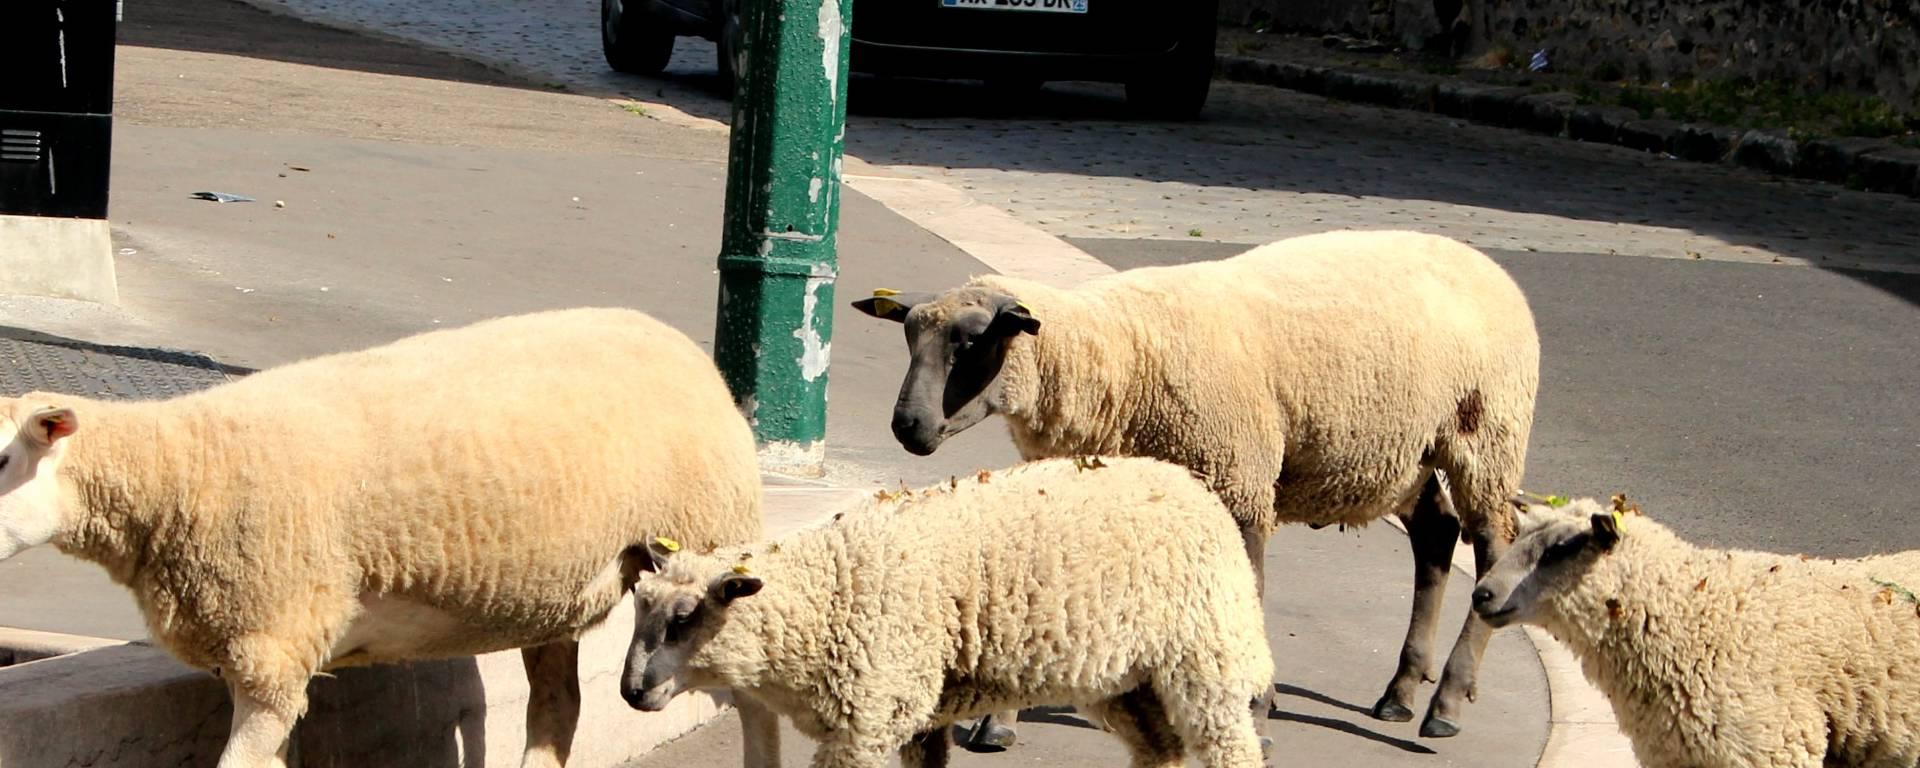 Les moutons en plein air